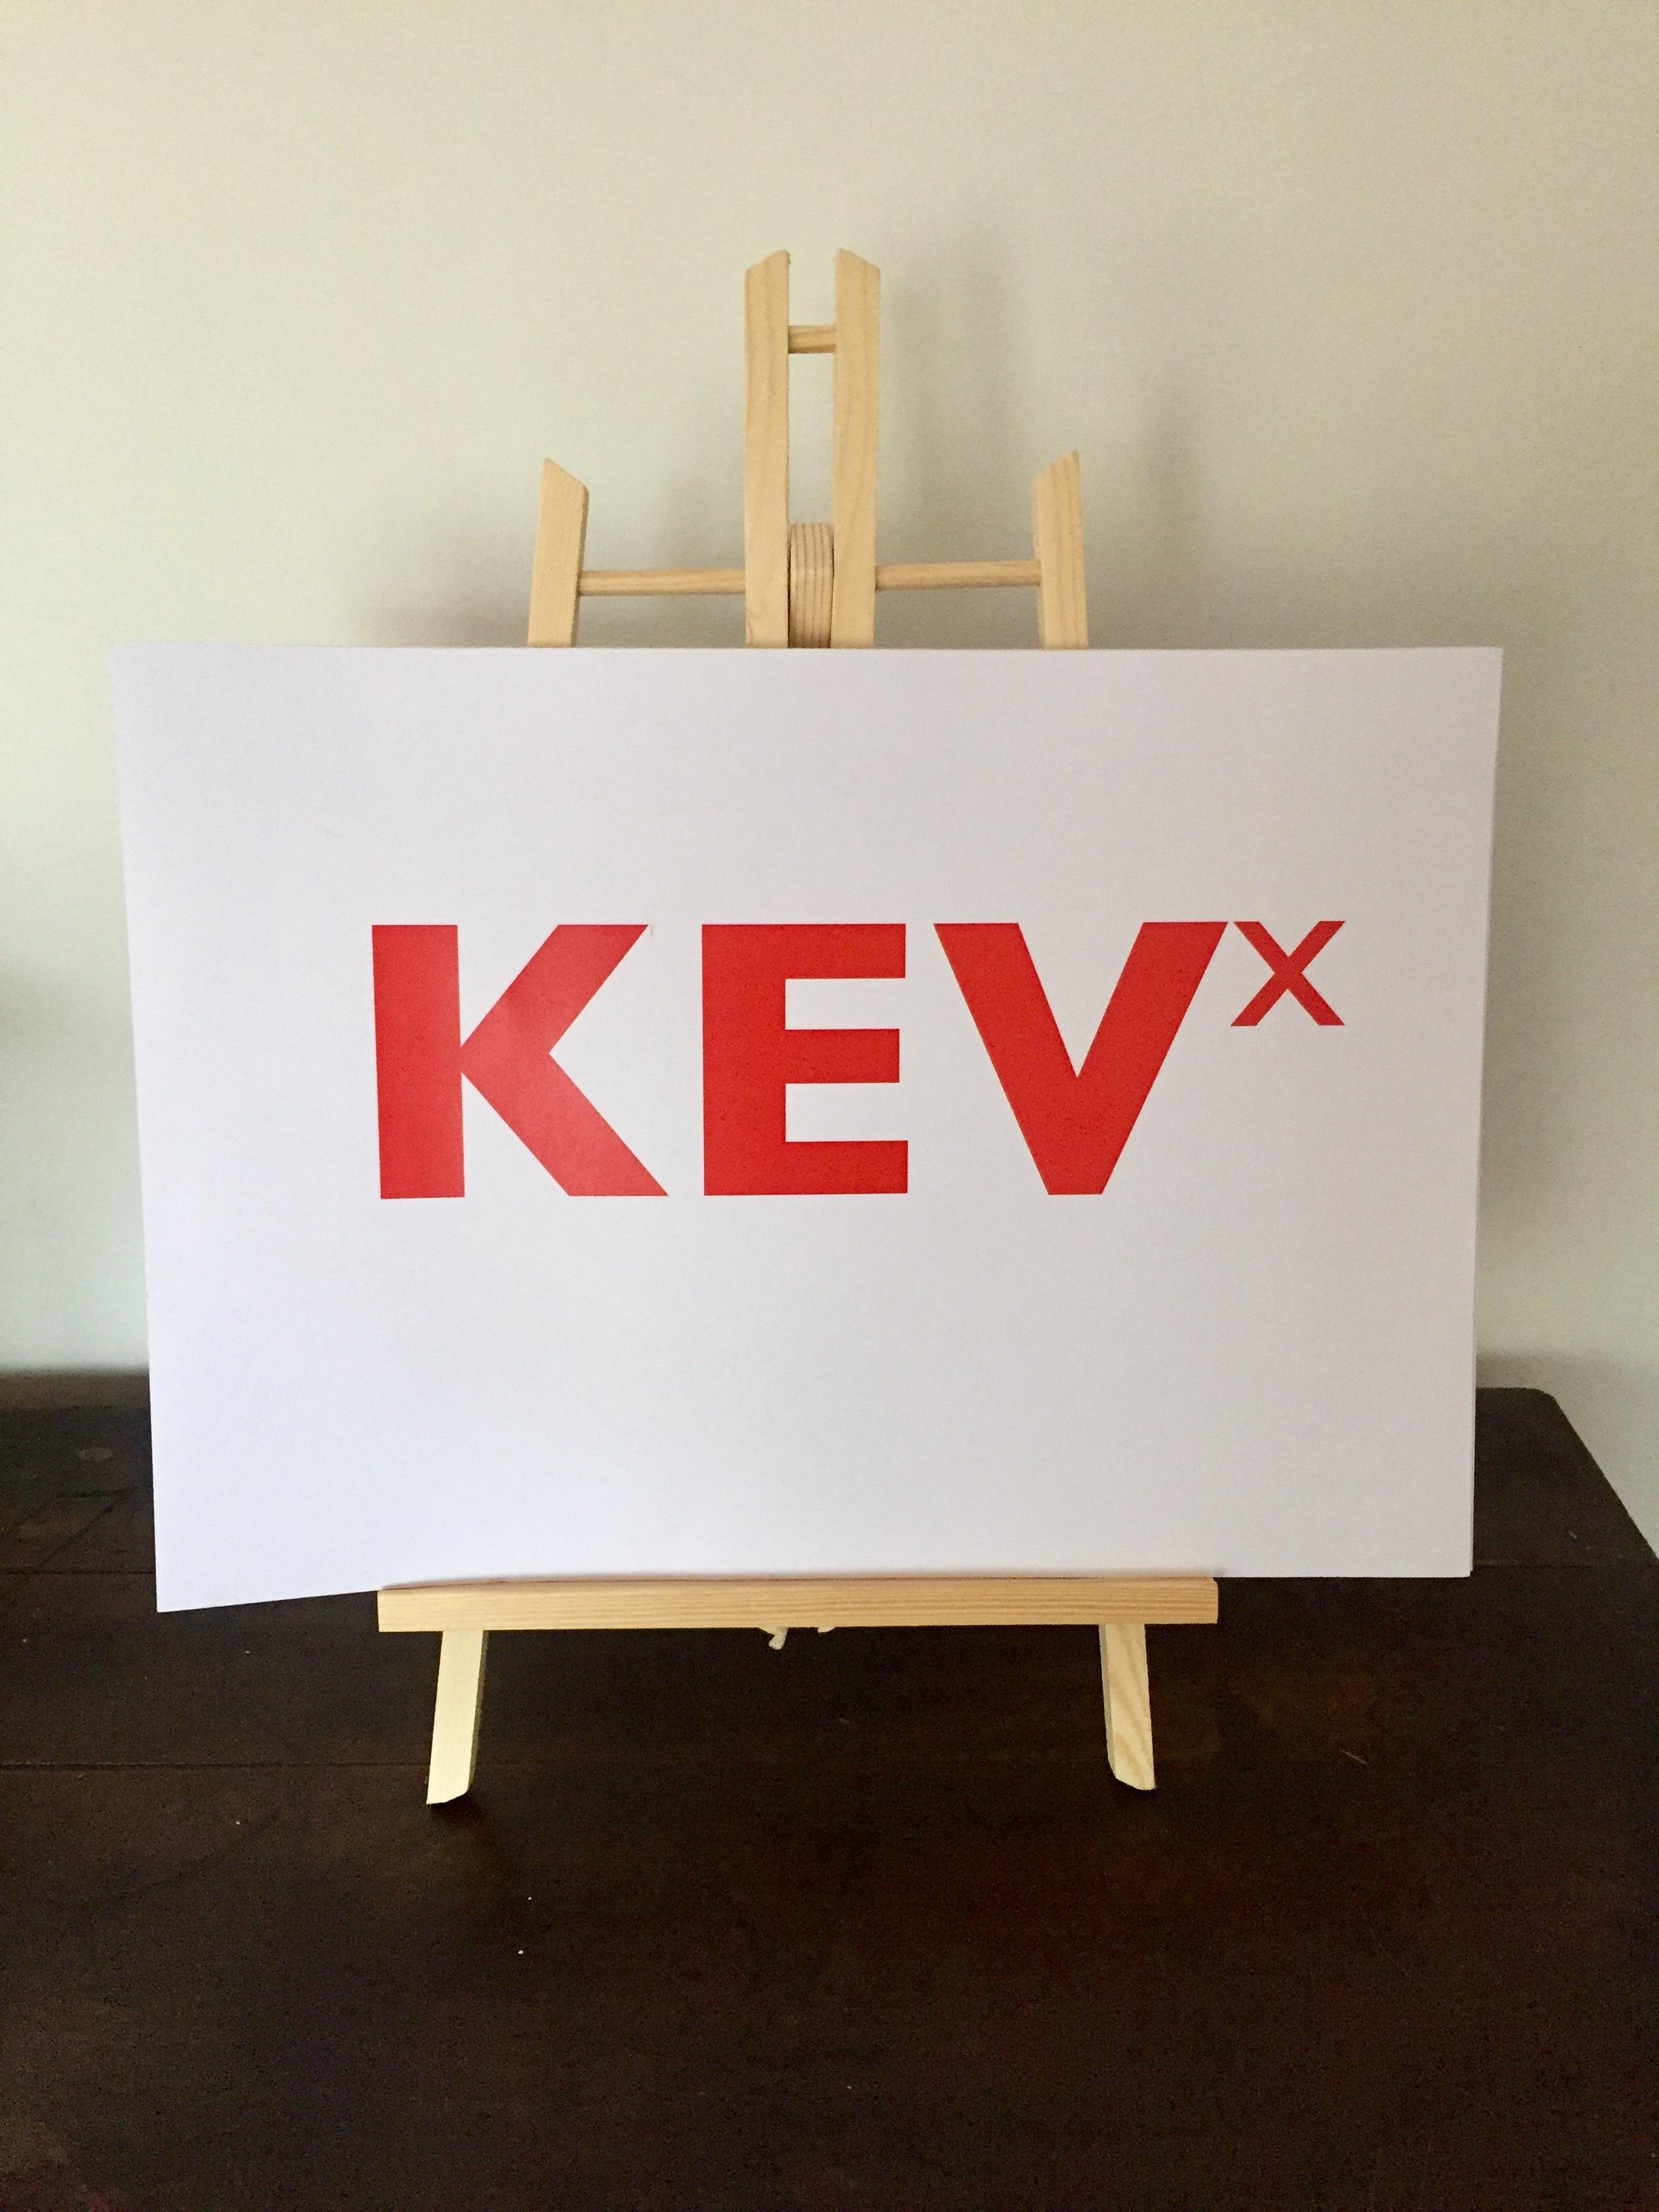 Kevx.jpg